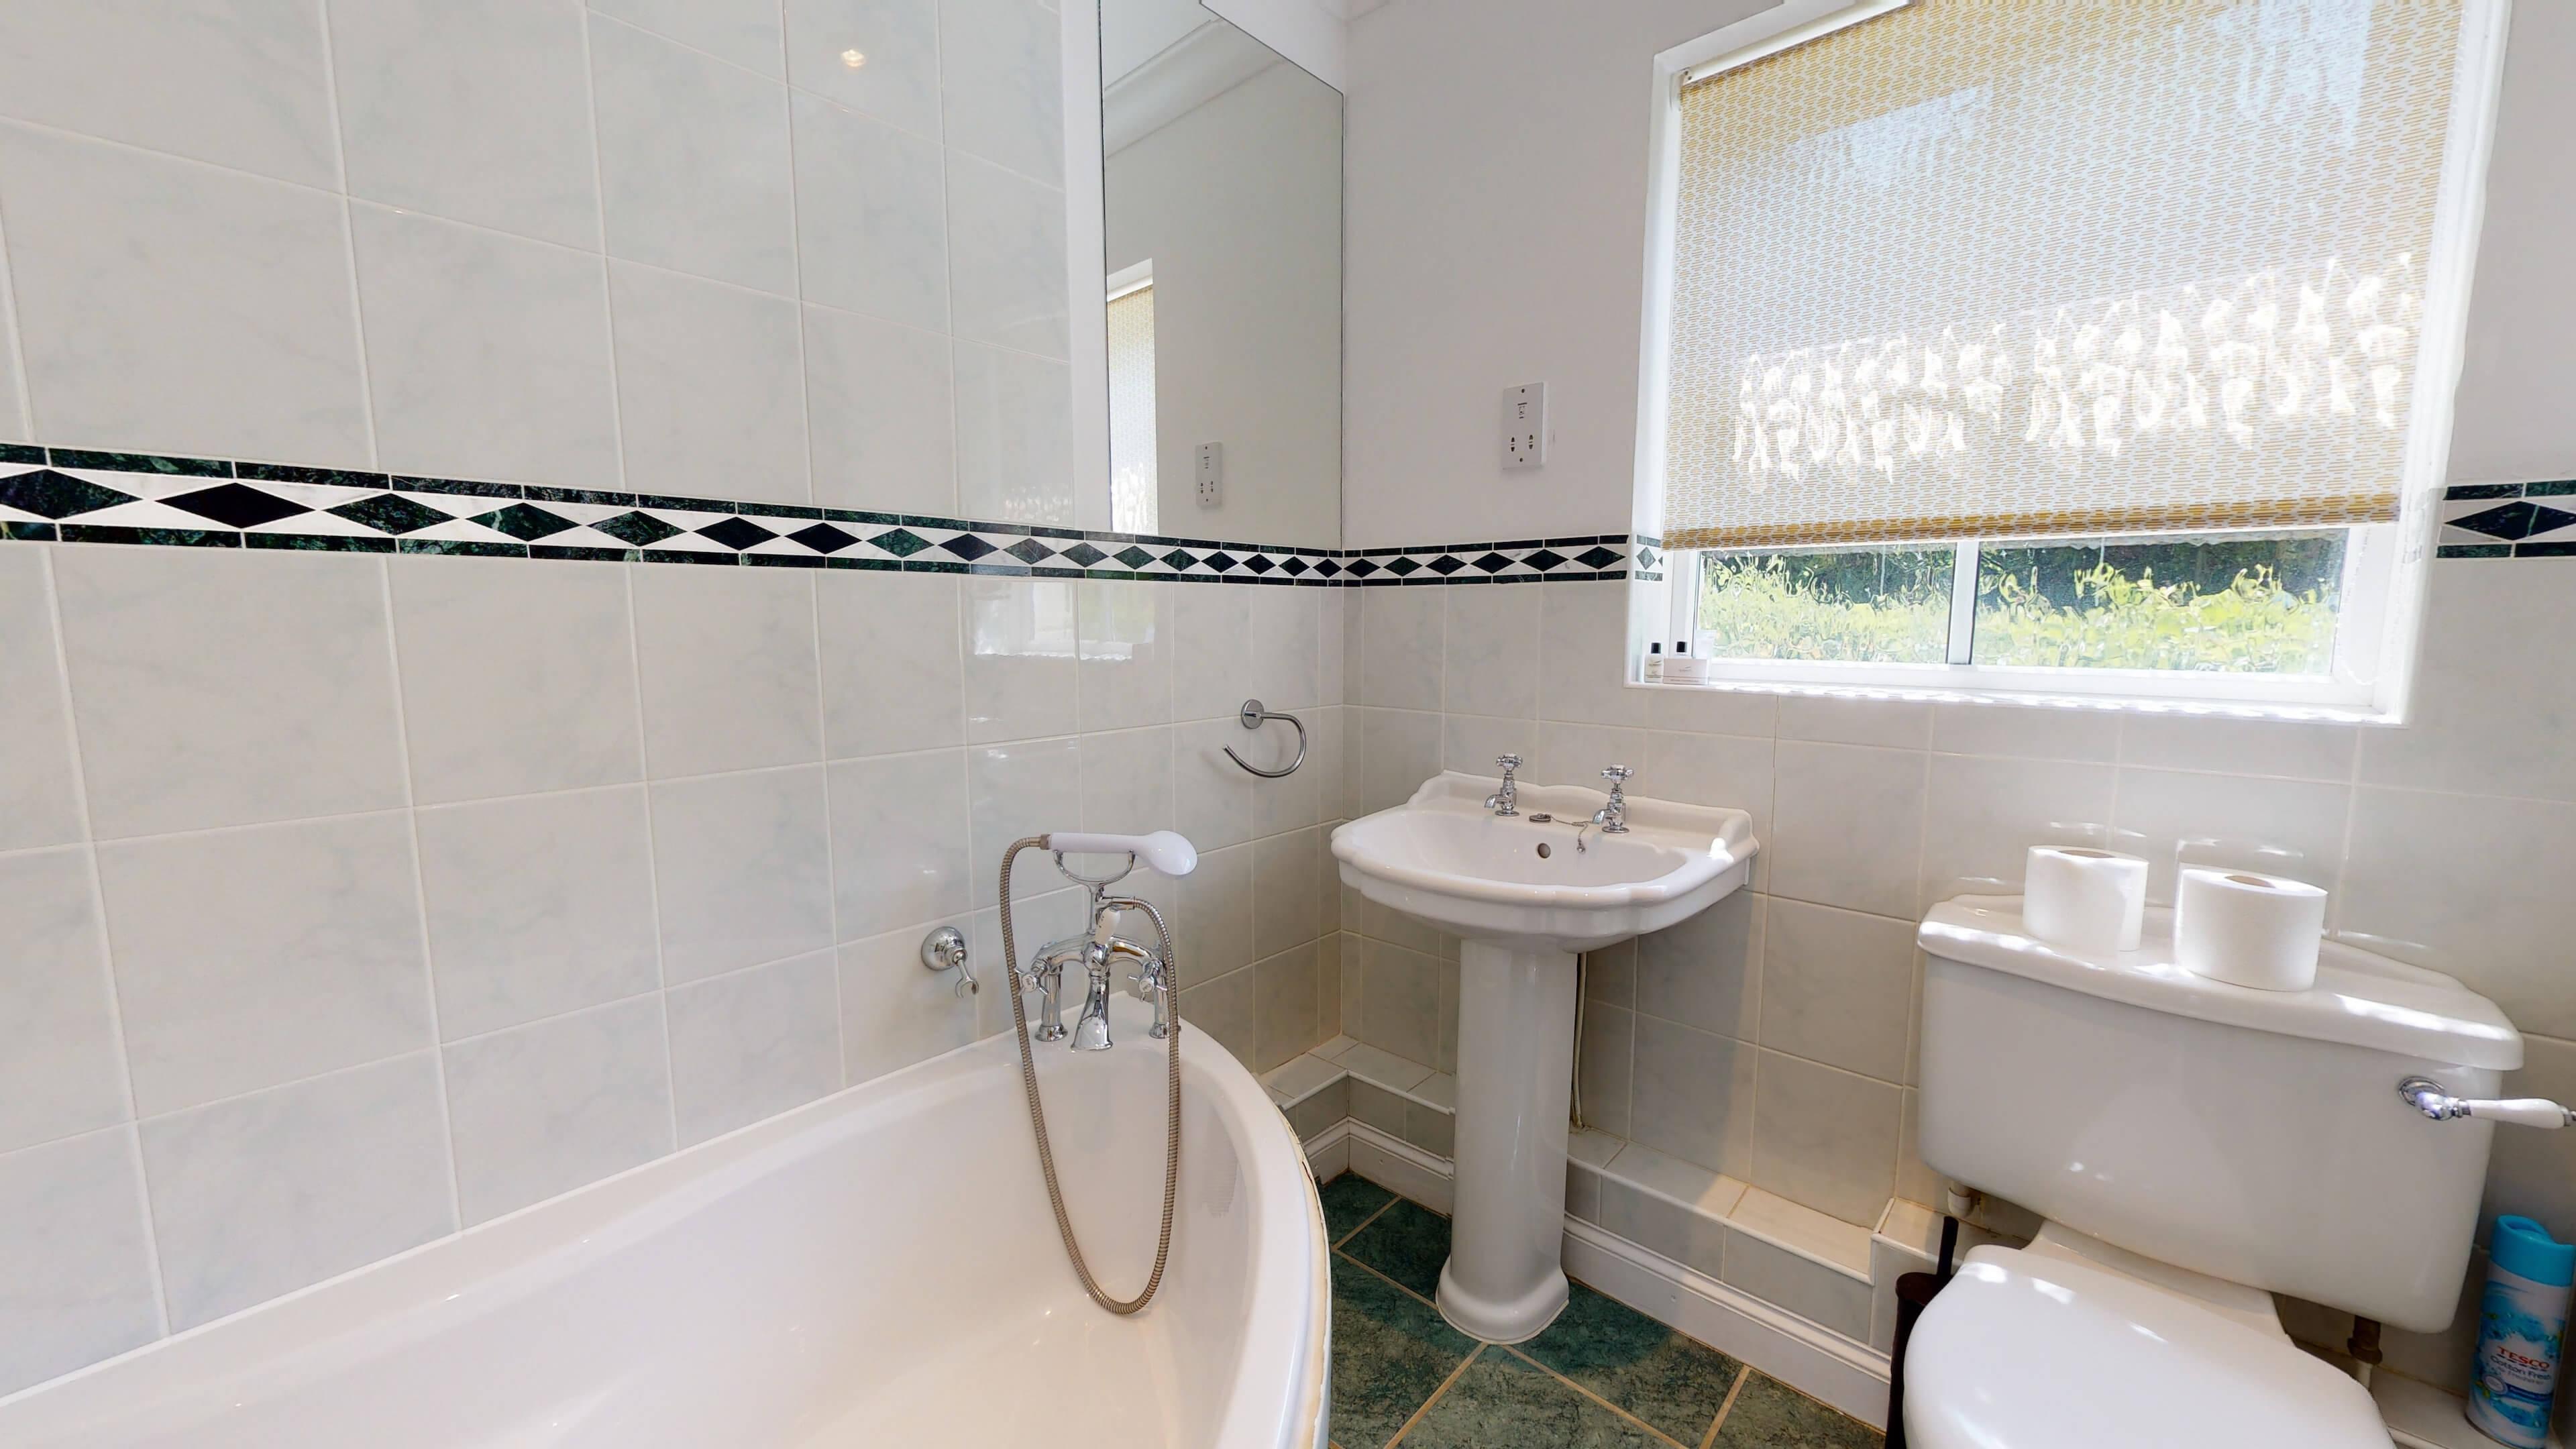 Rewley Road Oxford 2 Bed Rewley Road Bathroom 1 21